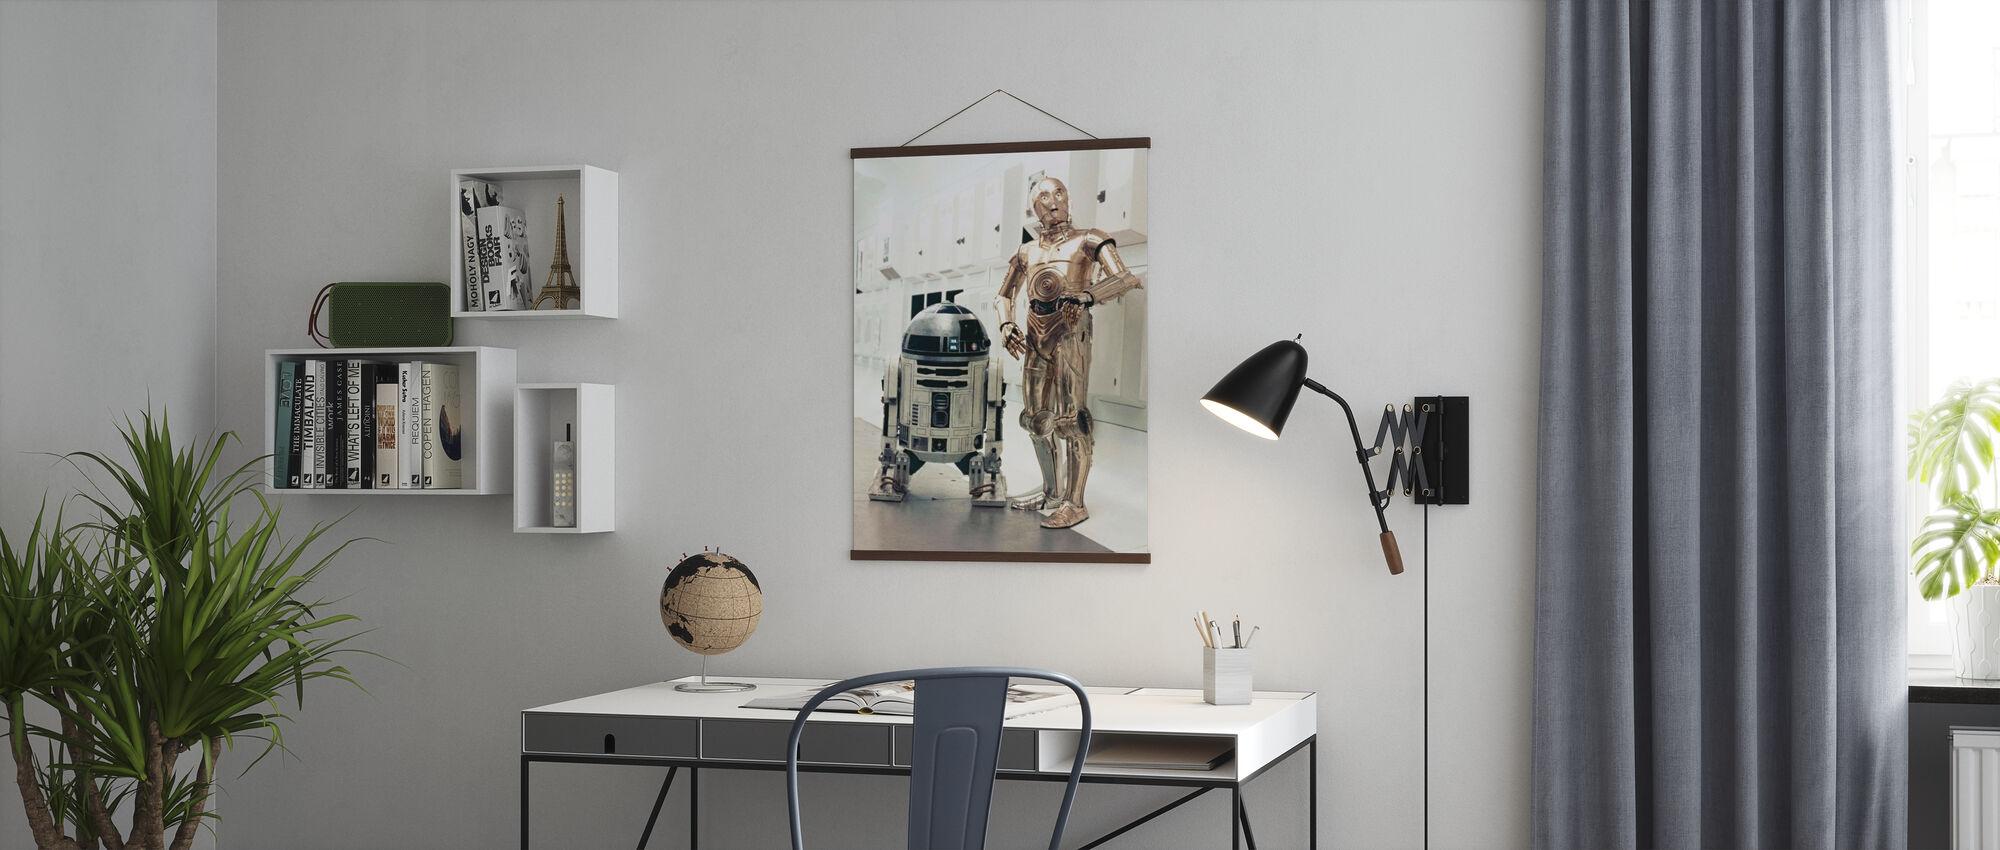 Star Wars Episodio IV - Una nuova speranza - Poster - Uffici